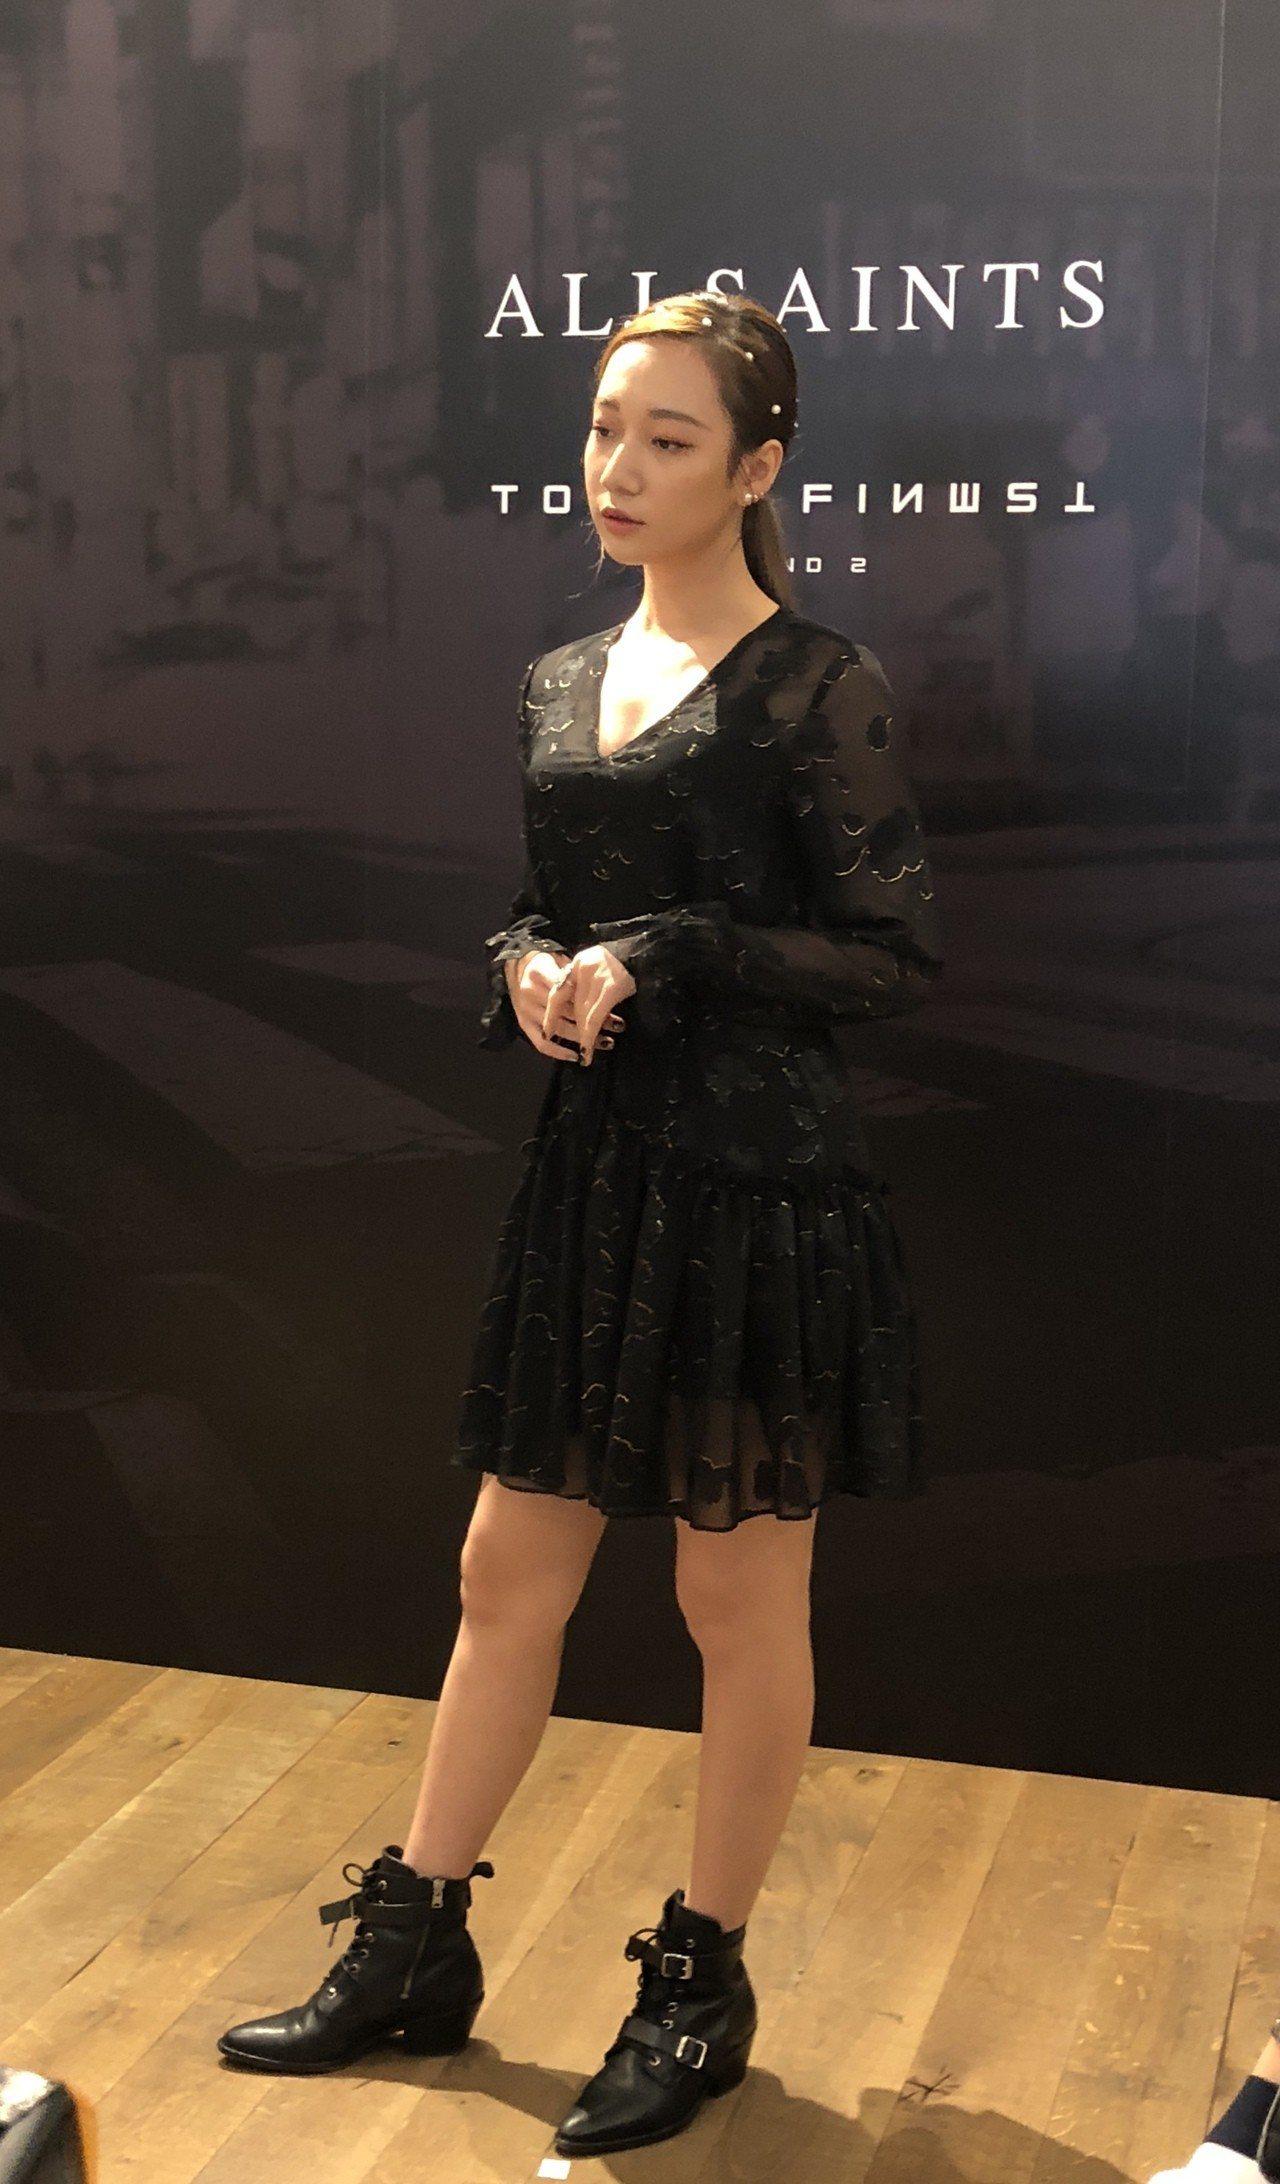 歌手吳卓源難得以甜美中略顯性感的造型出現於品牌活動。記者曾智緯/攝影